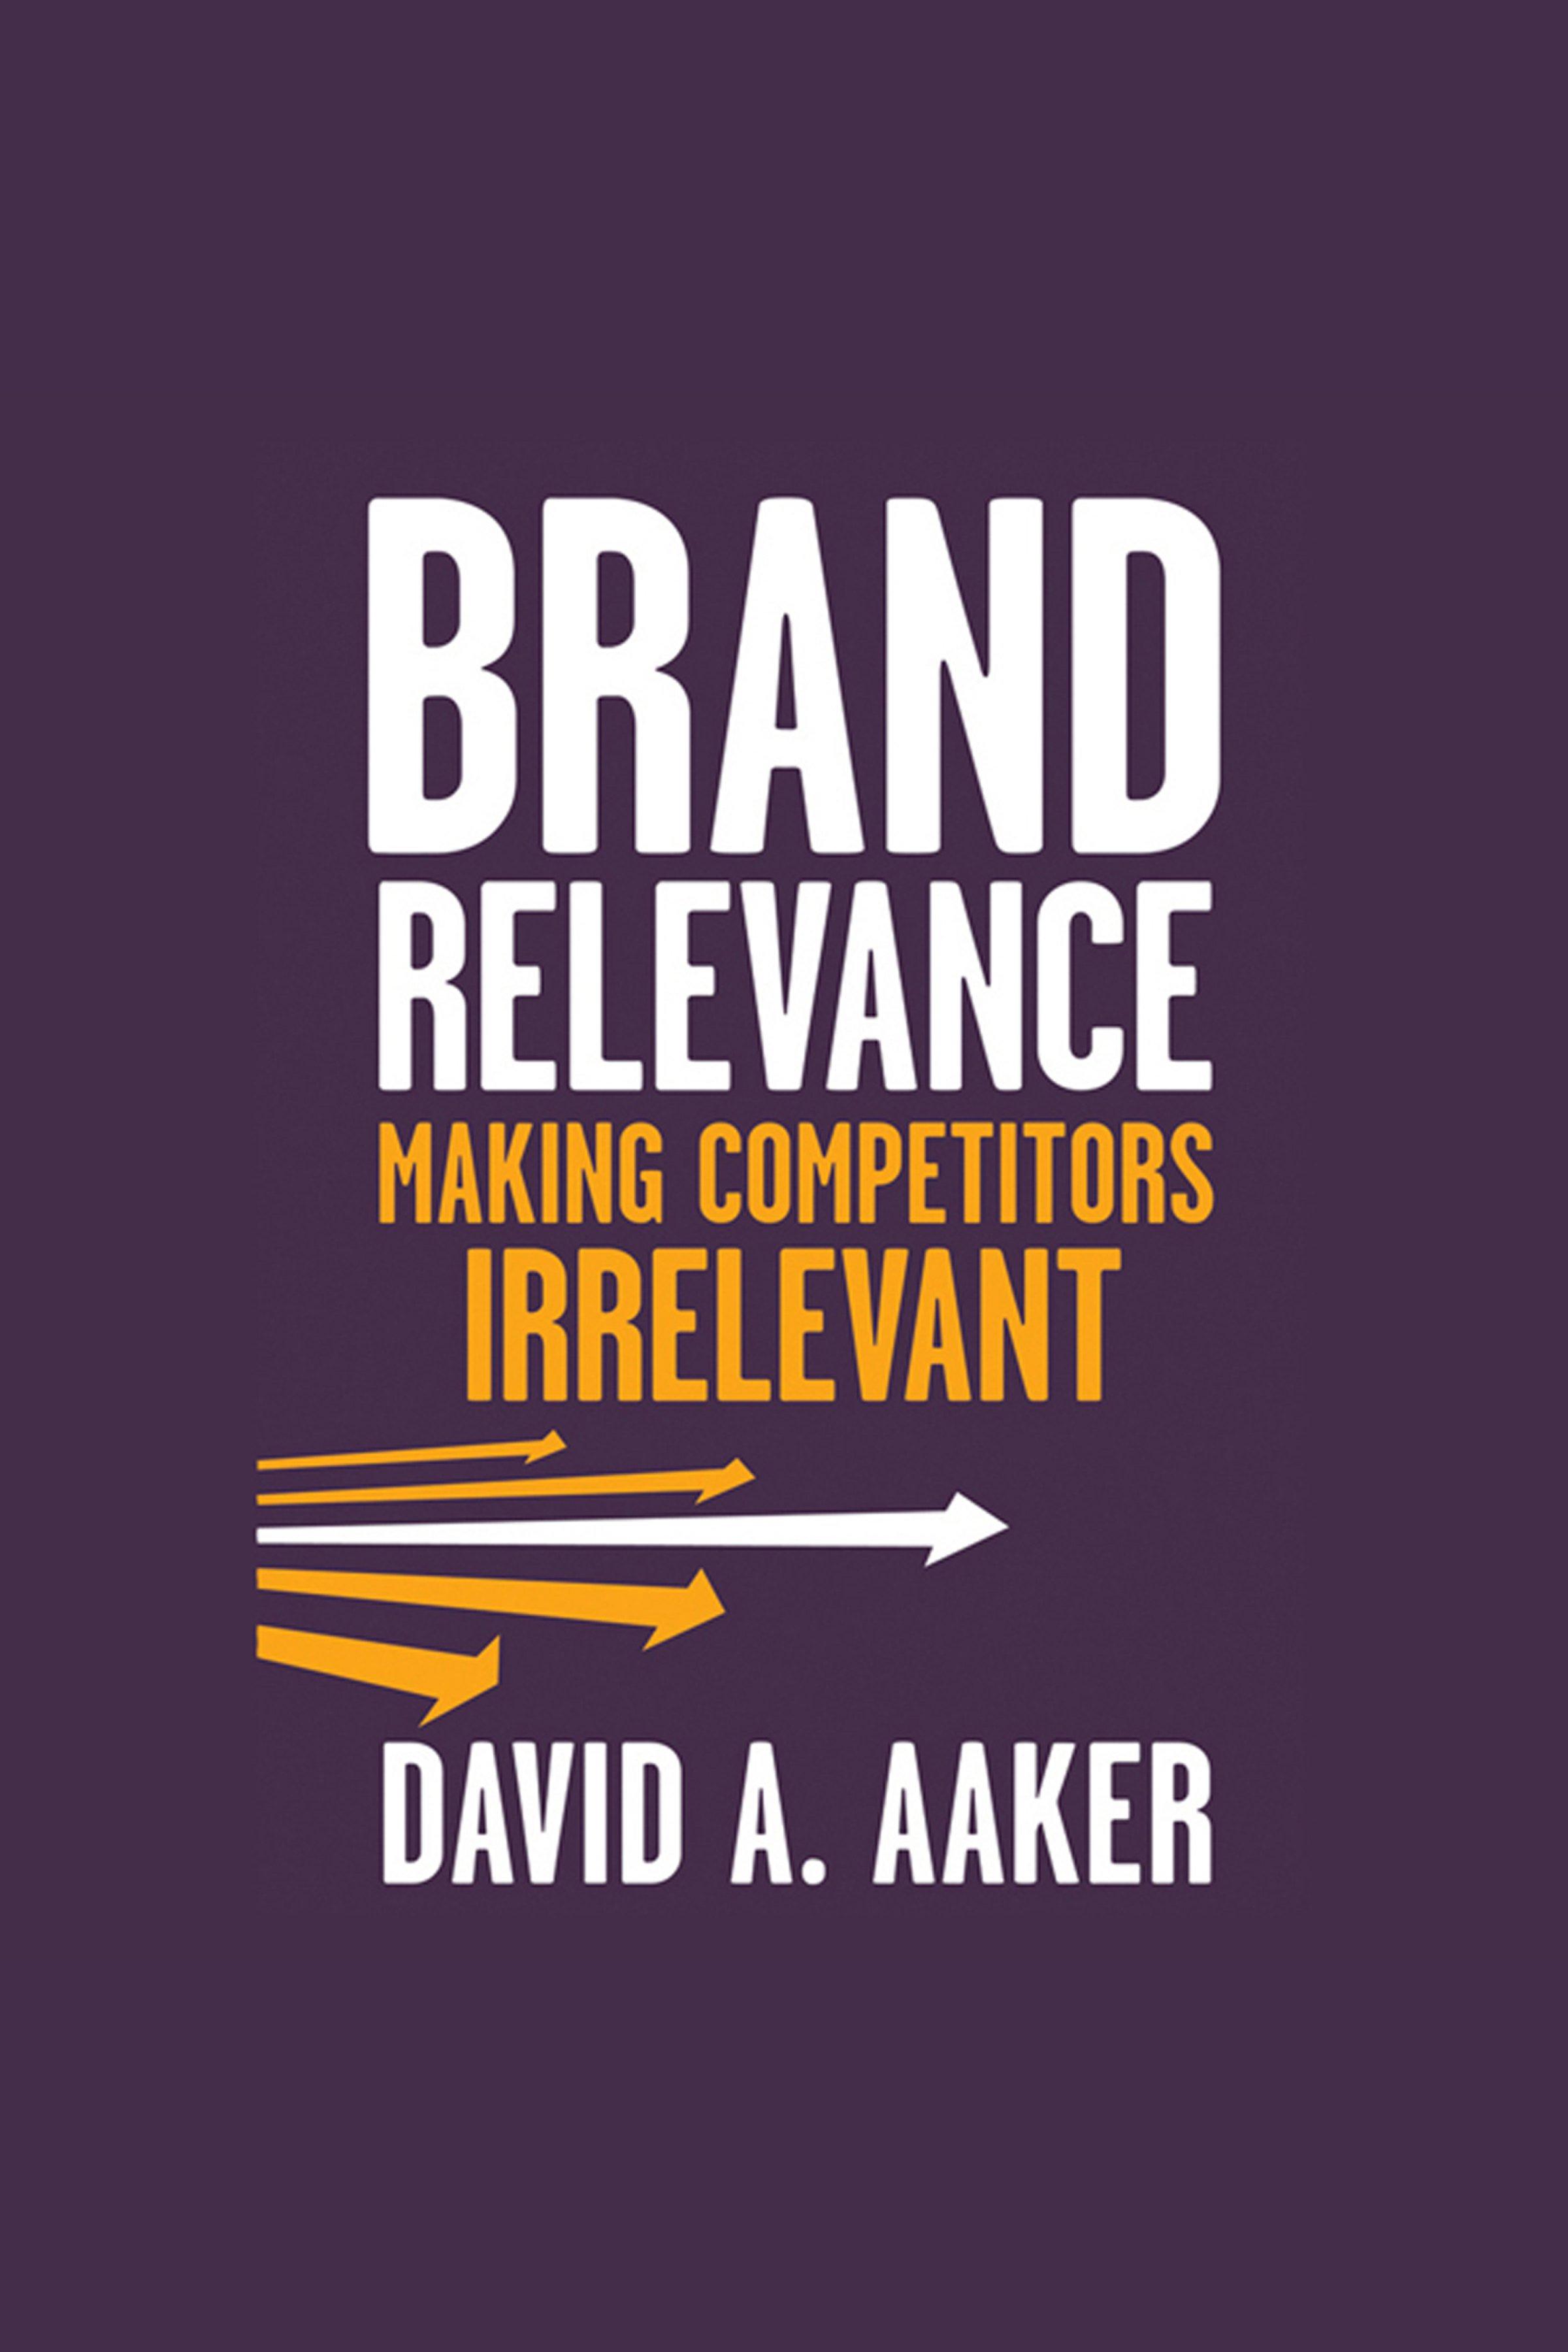 Esta es la portada del audiolibro Brand Relevance